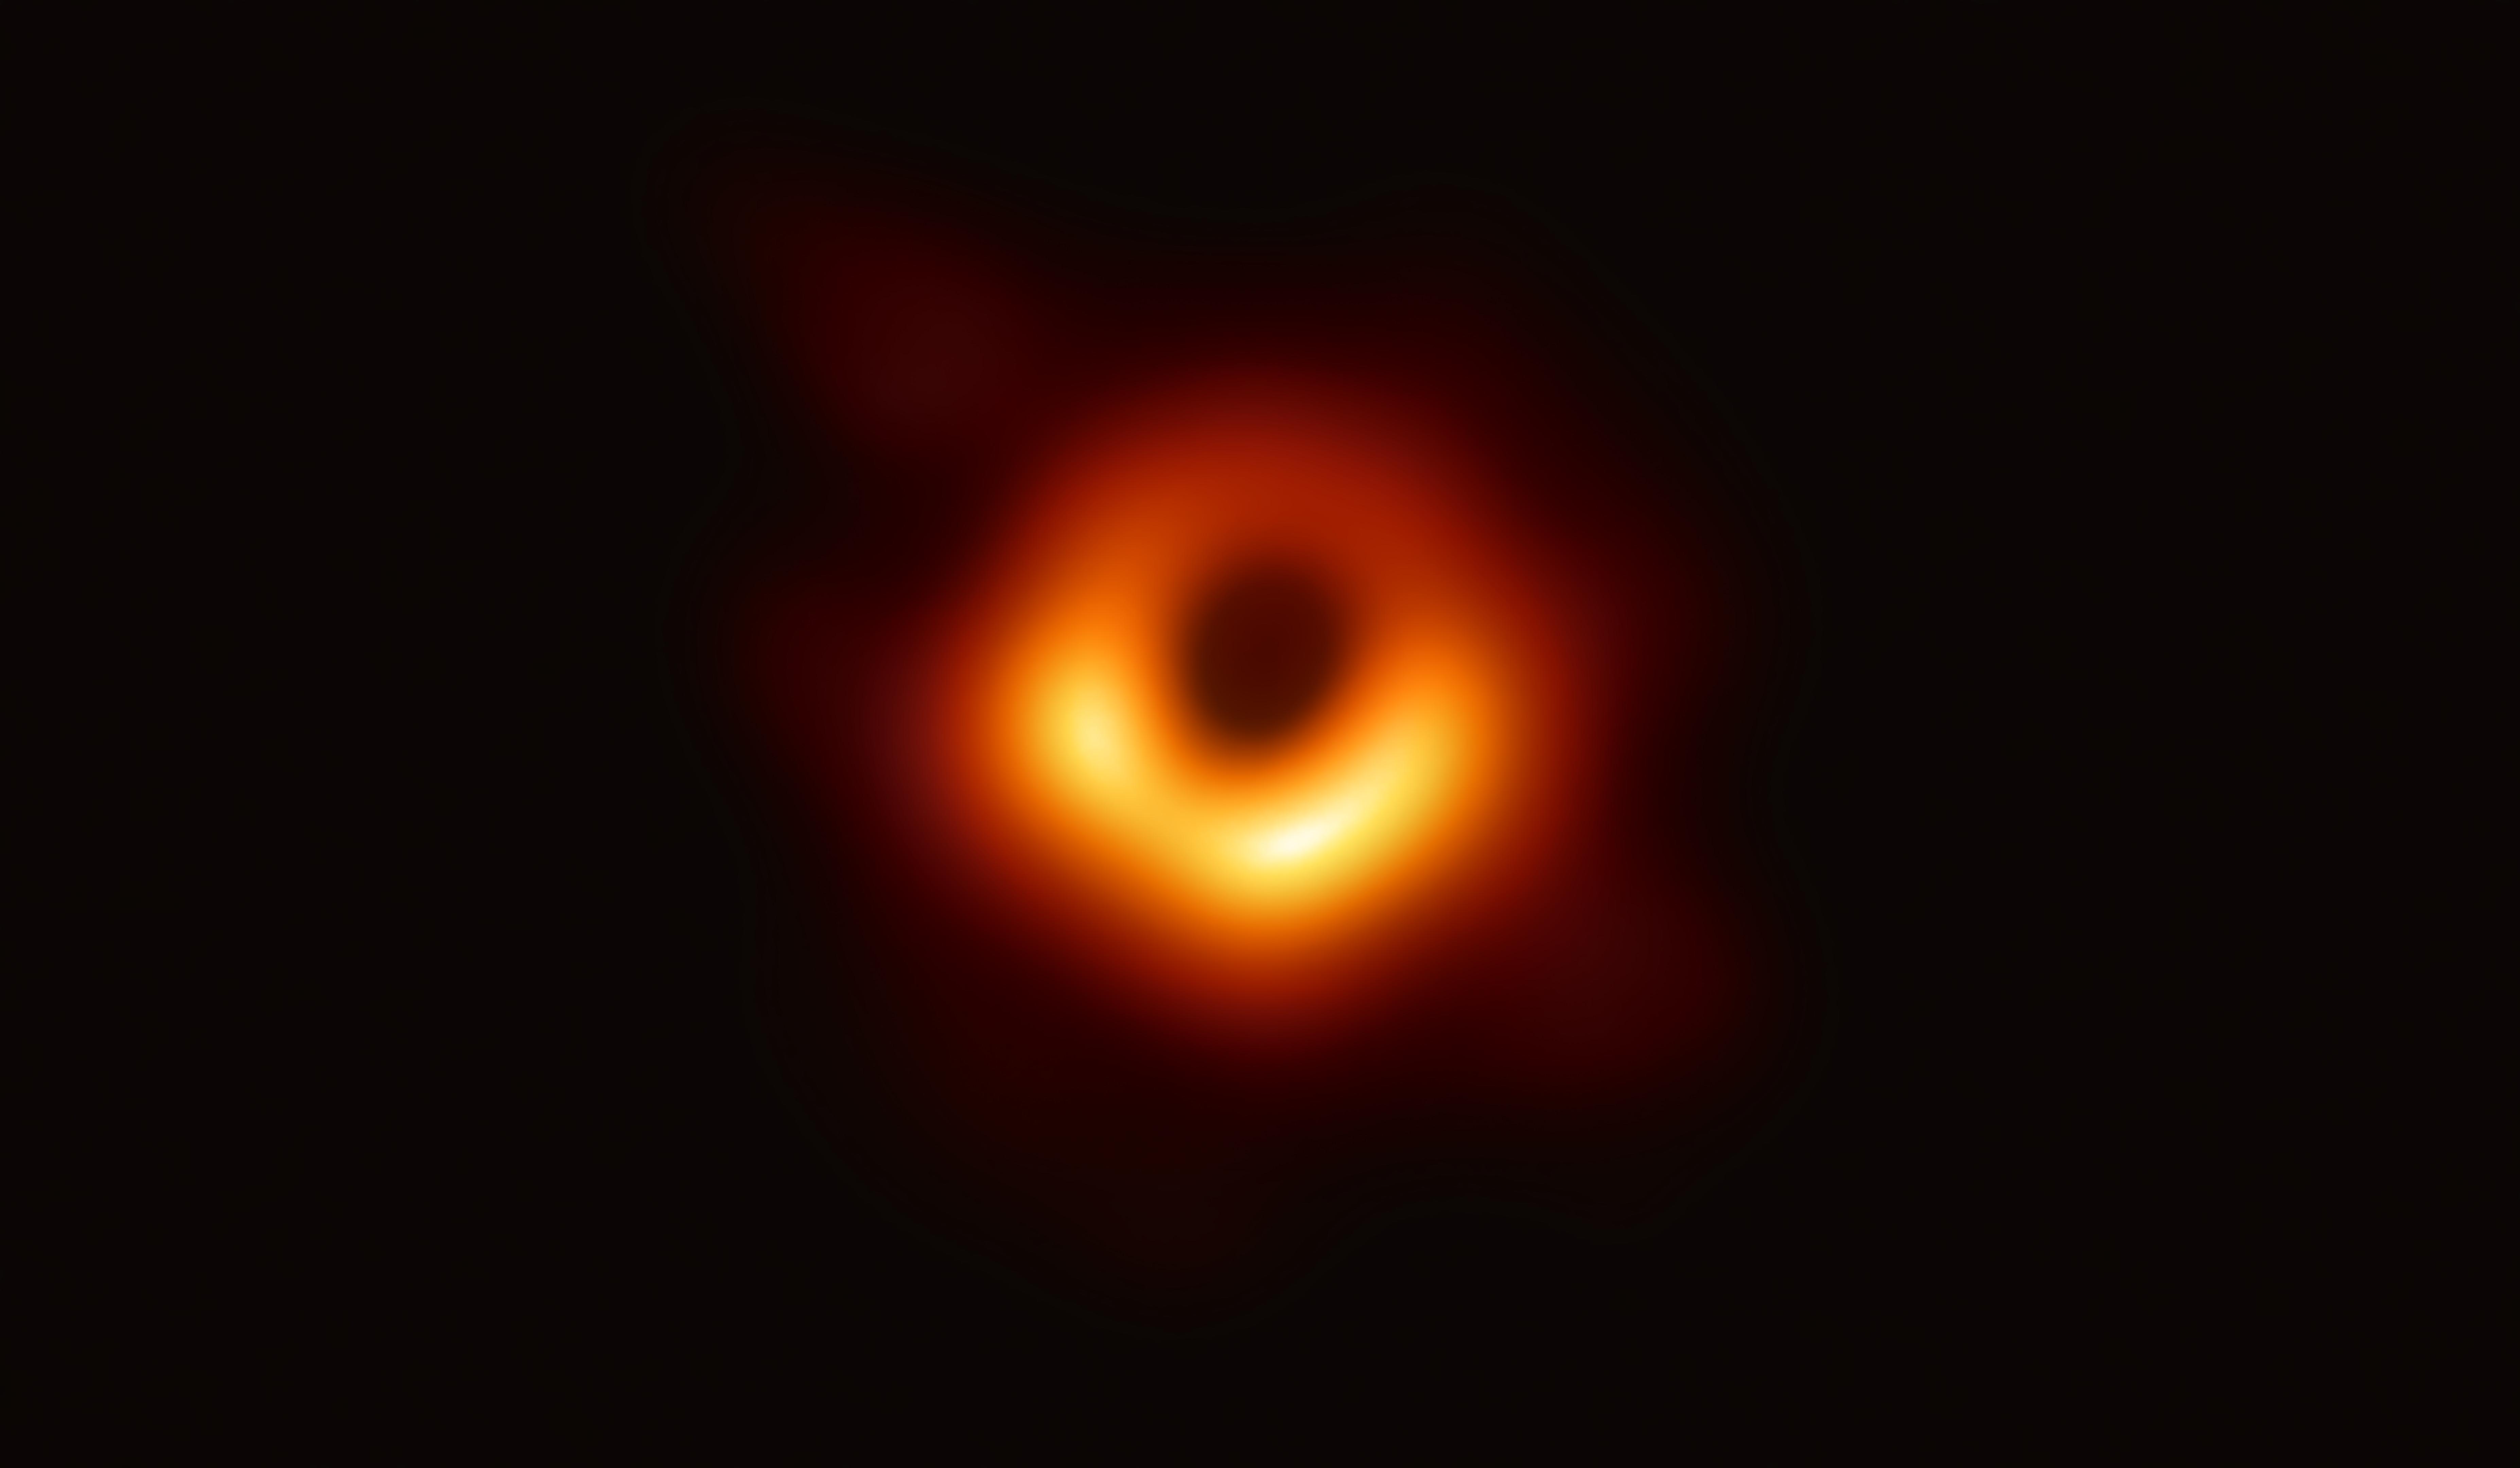 Supermassereiches Schwarzes Loch Astrodicticum Simplex